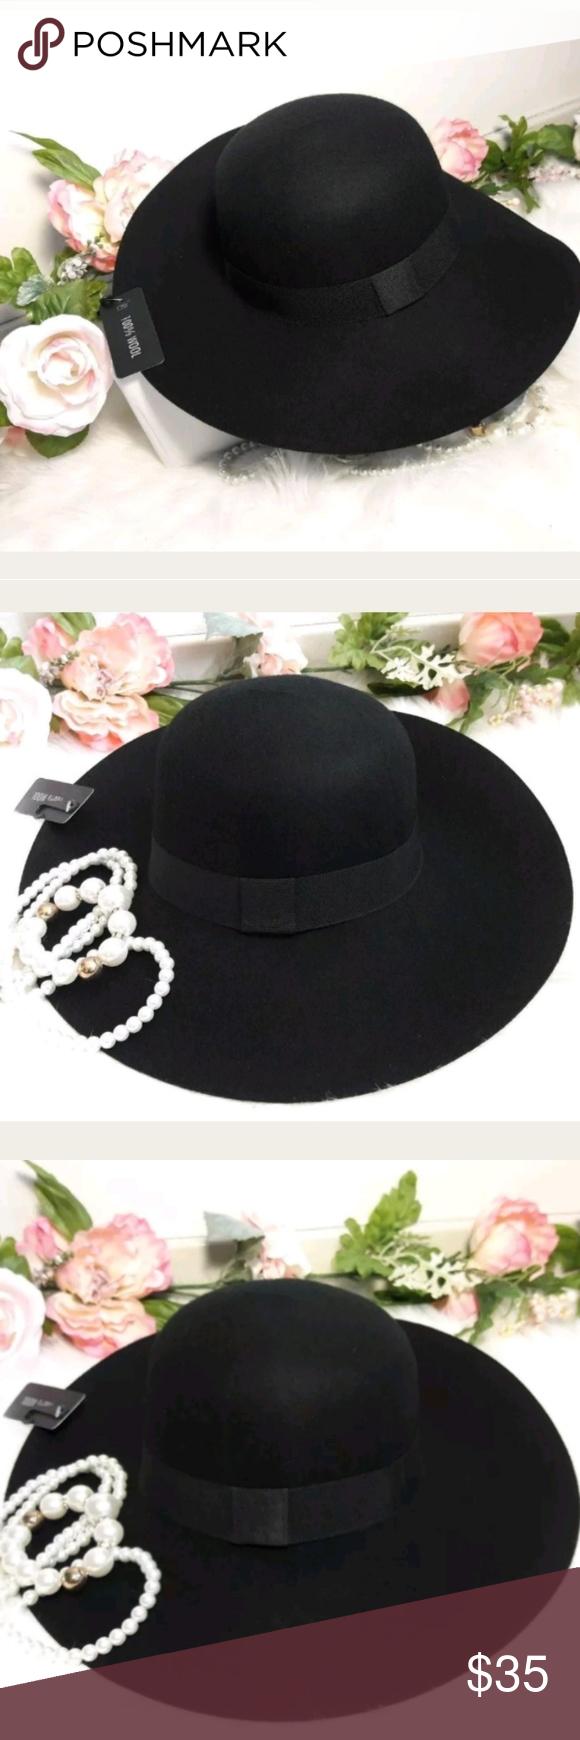 00d656a3bbb D Y Black Wide Floppy Brim Wool Hat NWT